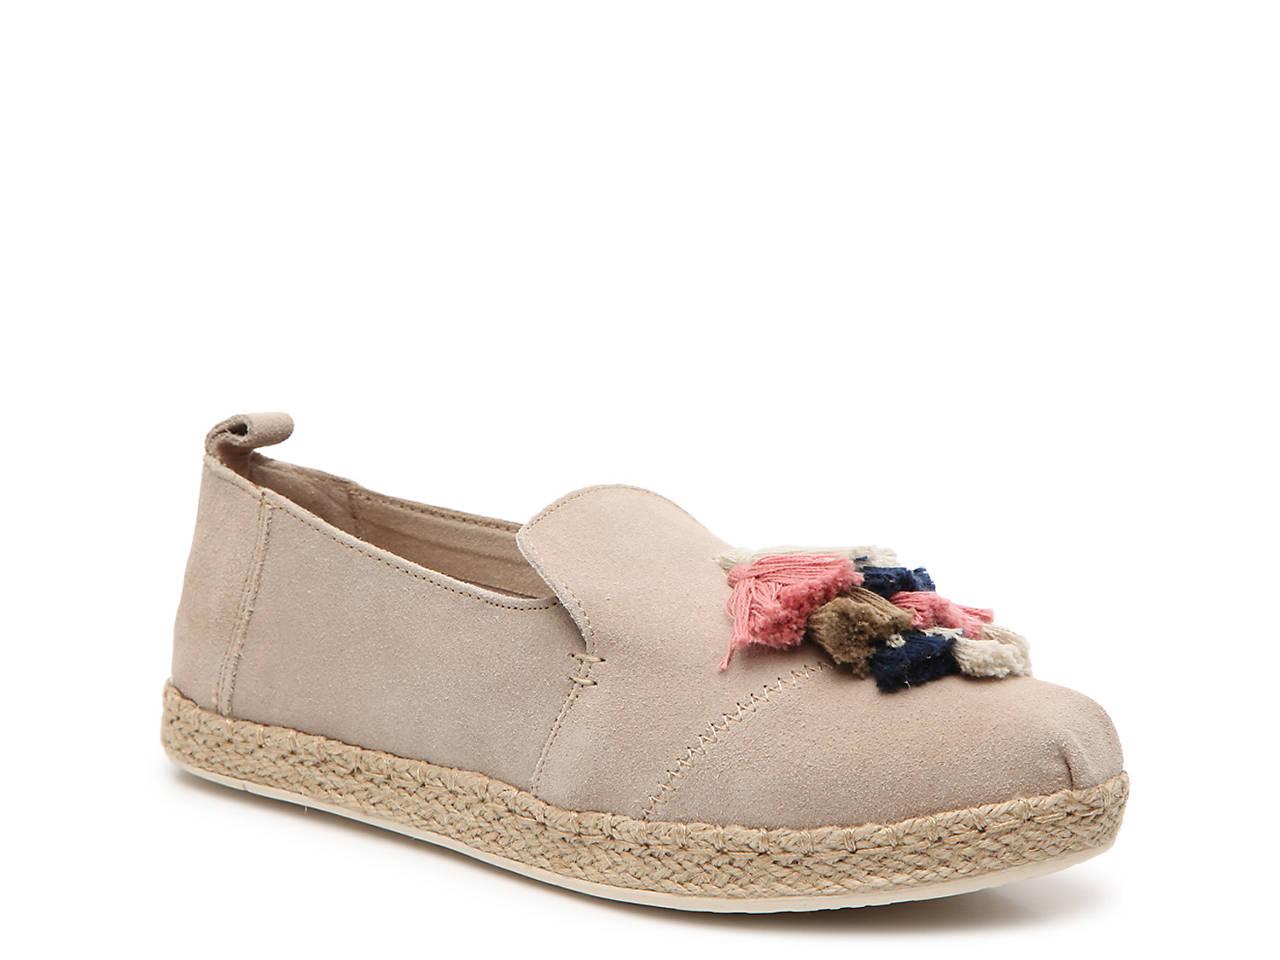 01d6d0a7186 TOMS Deconstructed Alpargata Espadrille Flat Women s Shoes